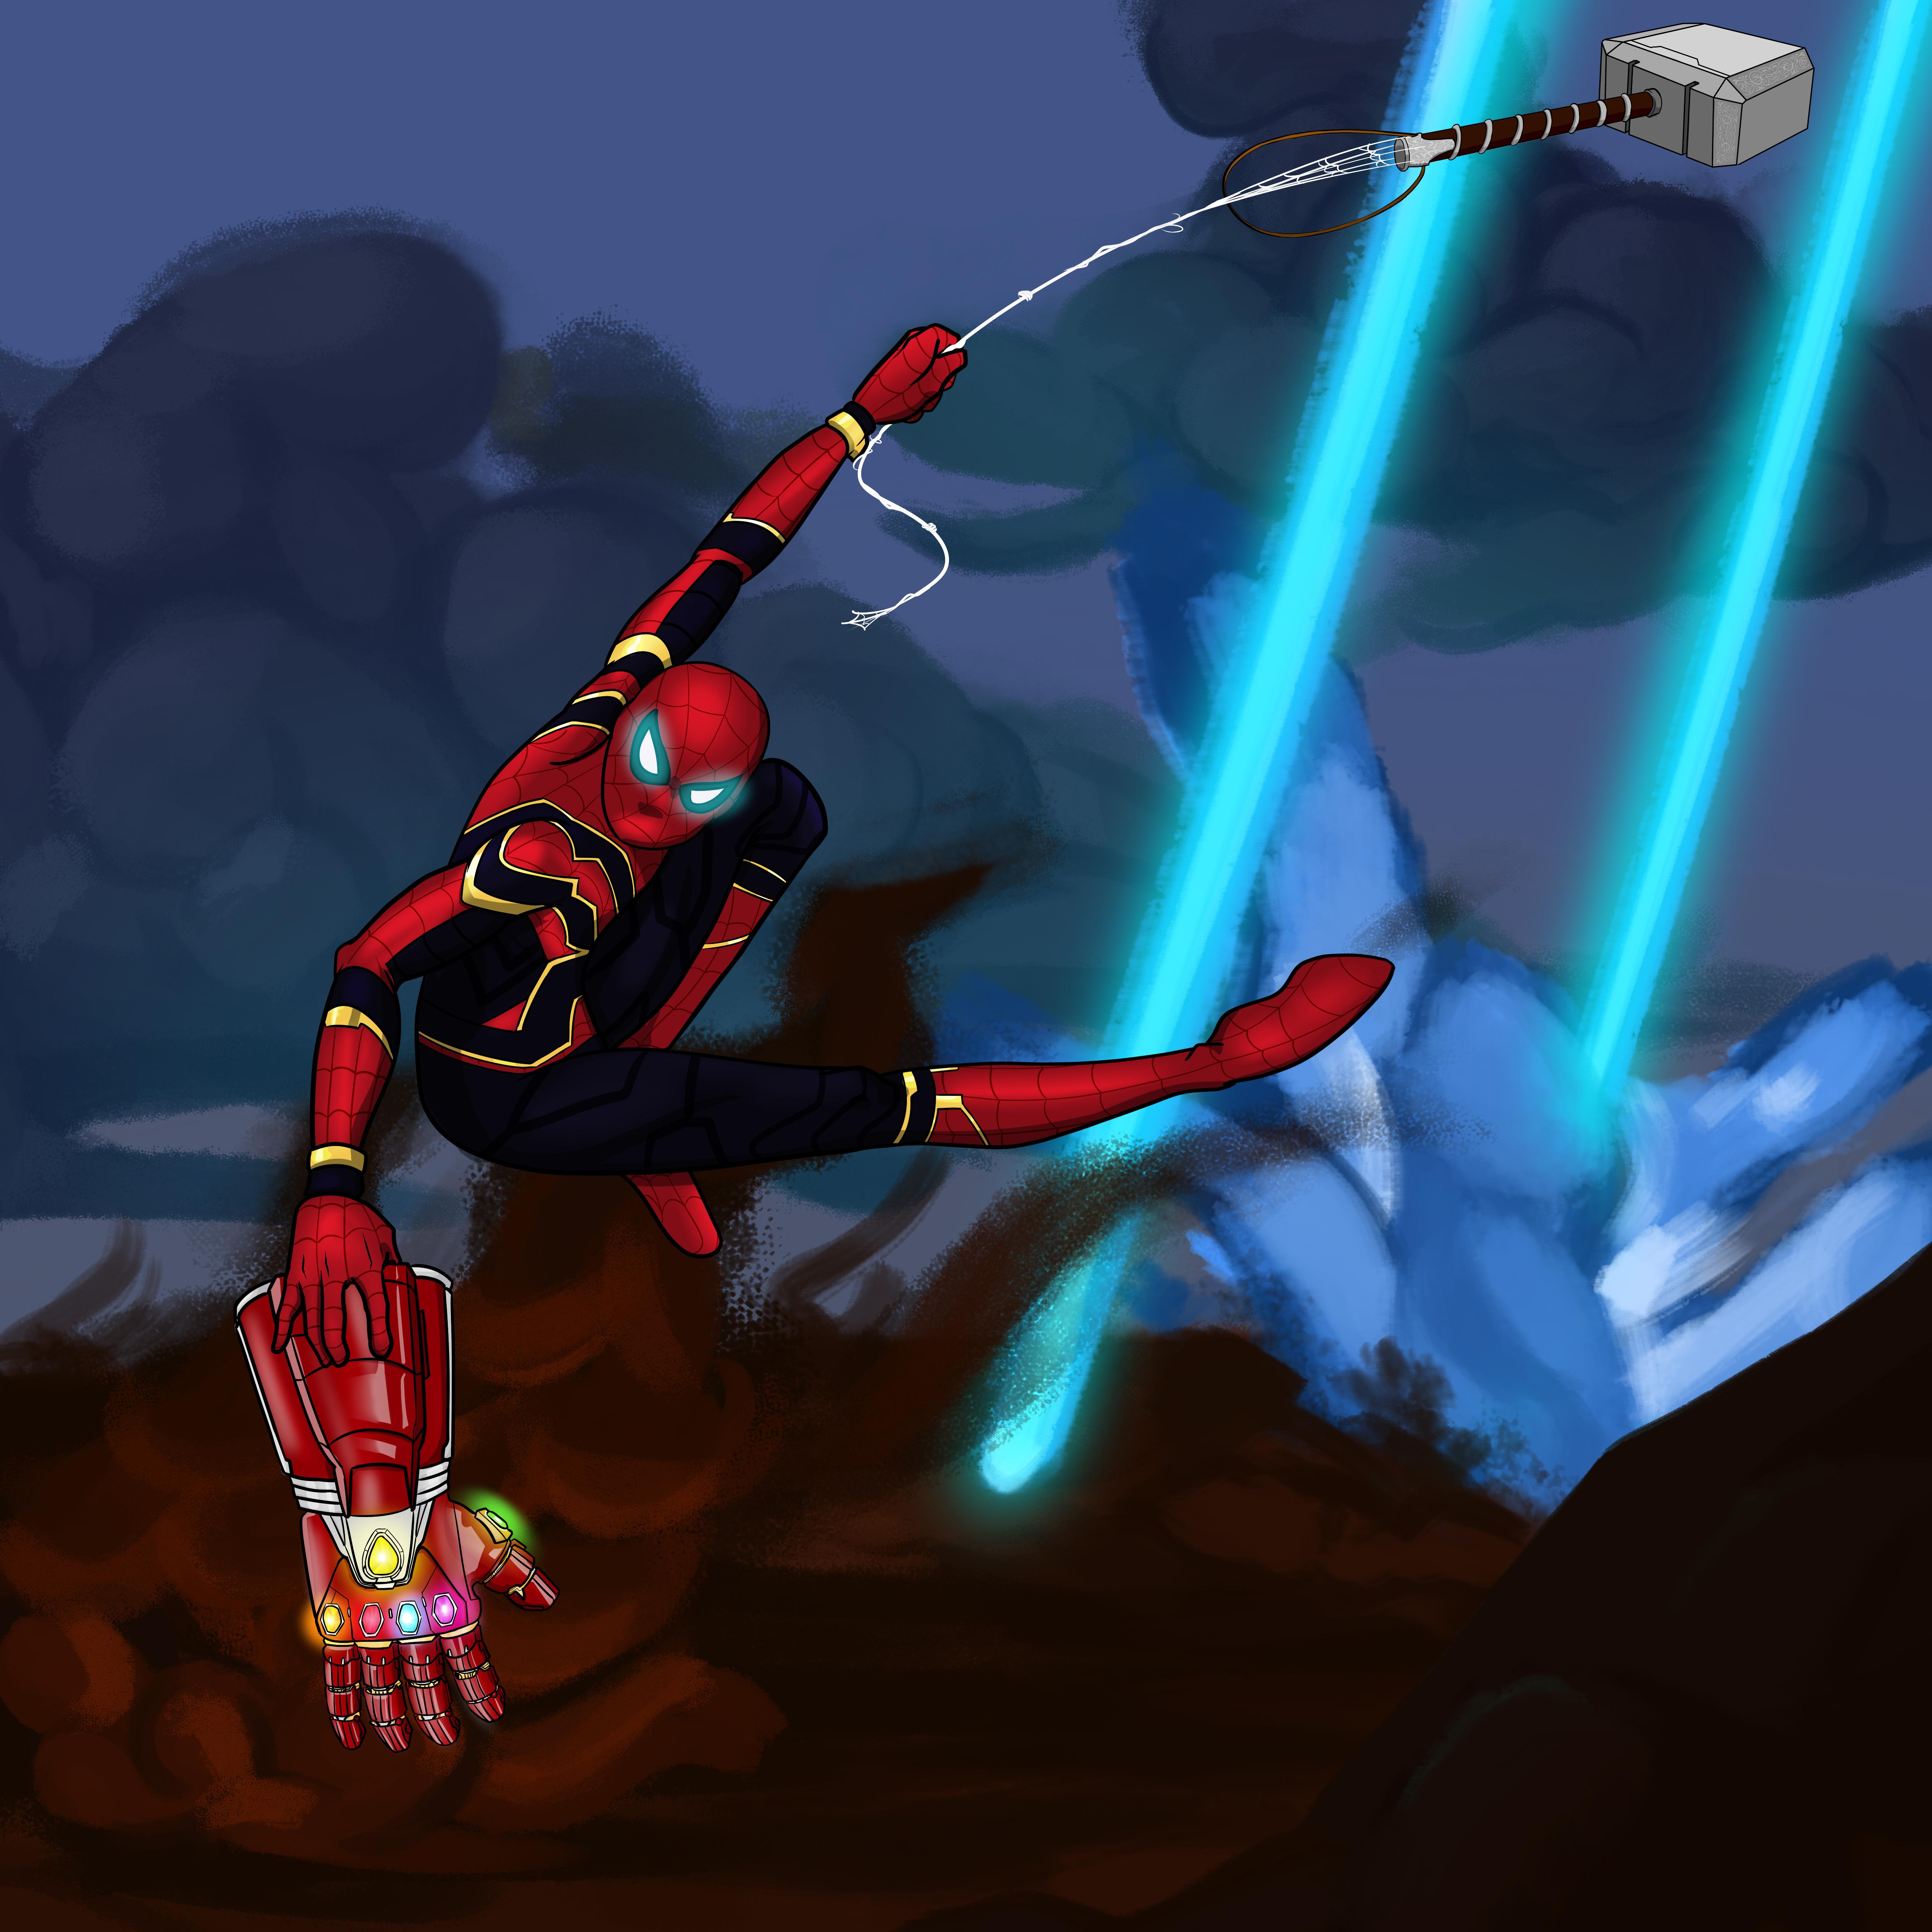 Endgame: Spider-man